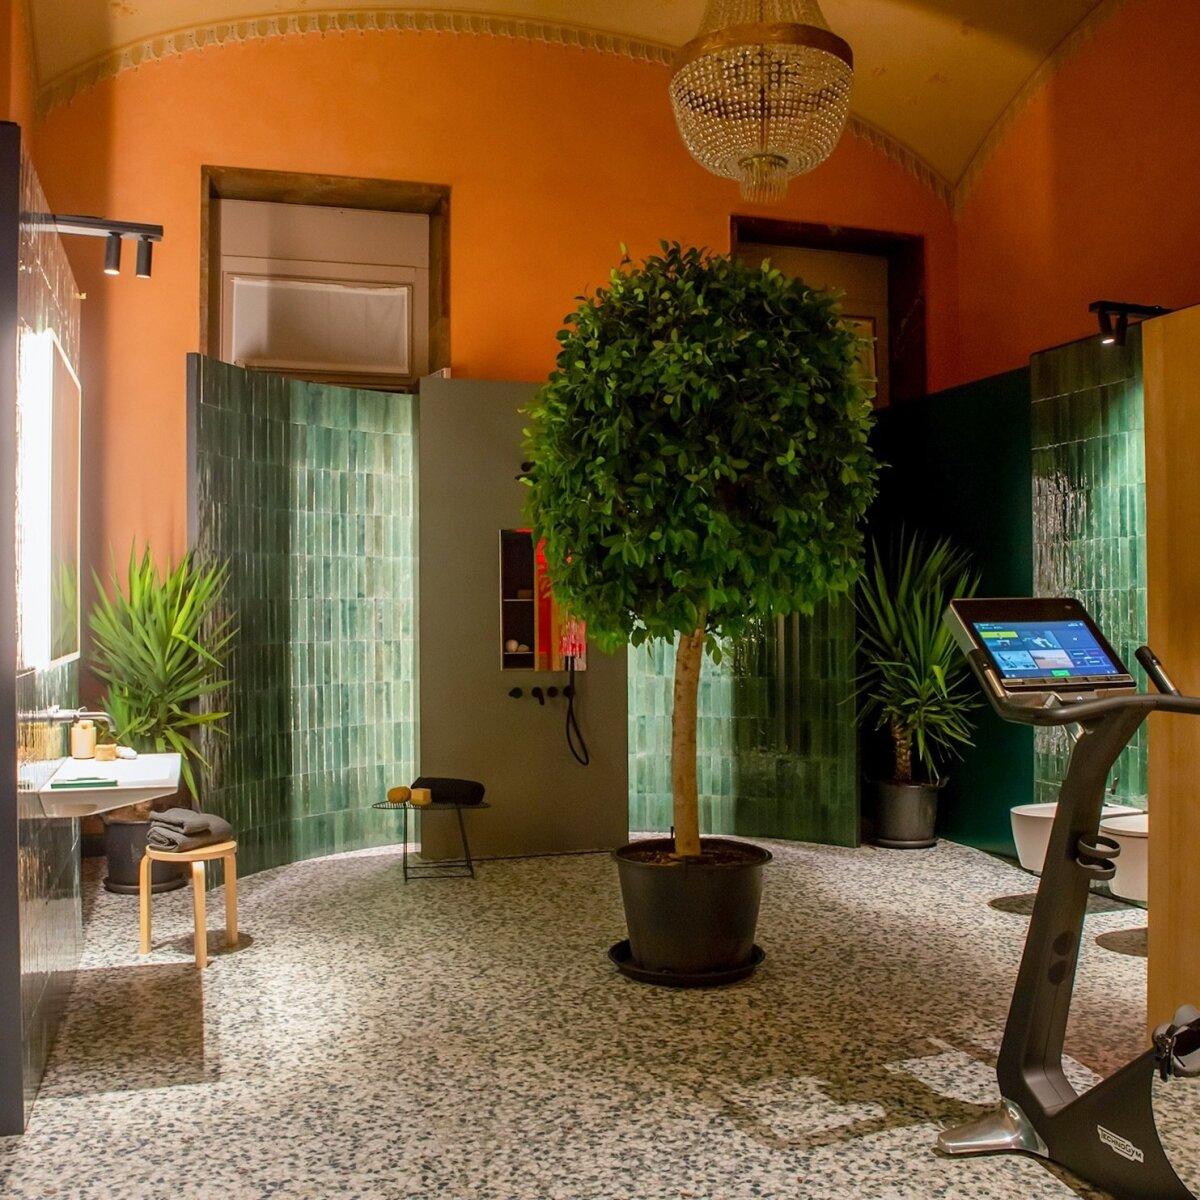 Vannitoa põrandal on Itaalia tootja Marazzi Grande Ghiara Minuta Mix kollektsioonil põnevate värviliste fragmentide plaadid ja seintel nendega harmoniseeruv plaat Grande Resin Look Verde Scuro ning osaliselt on pinnad kaetud Crogiolo Lume Green plaadiga, käsitsi valmistatud keraamikaga, millel on küllaga karakterit.